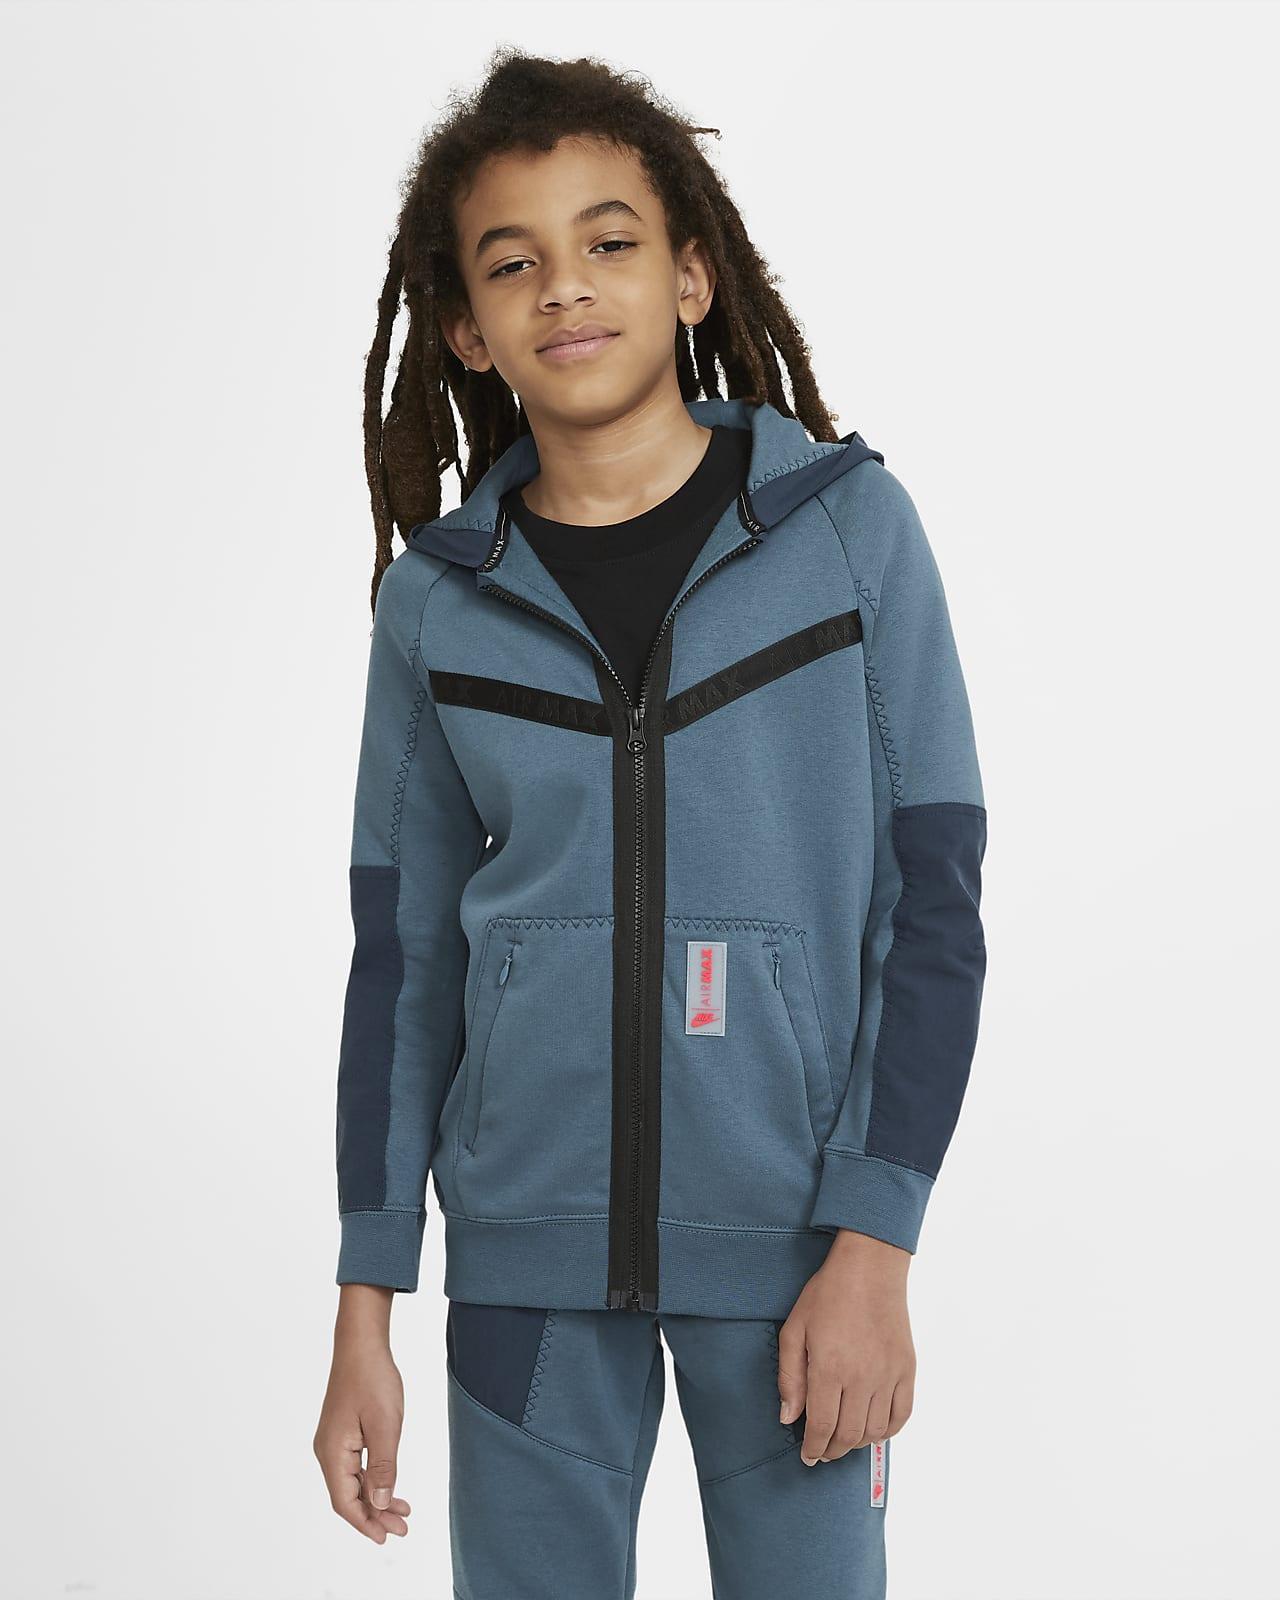 Sudadera con capucha de cierre completo de tejido Fleece para niño talla grande Nike Sportswear Air Max